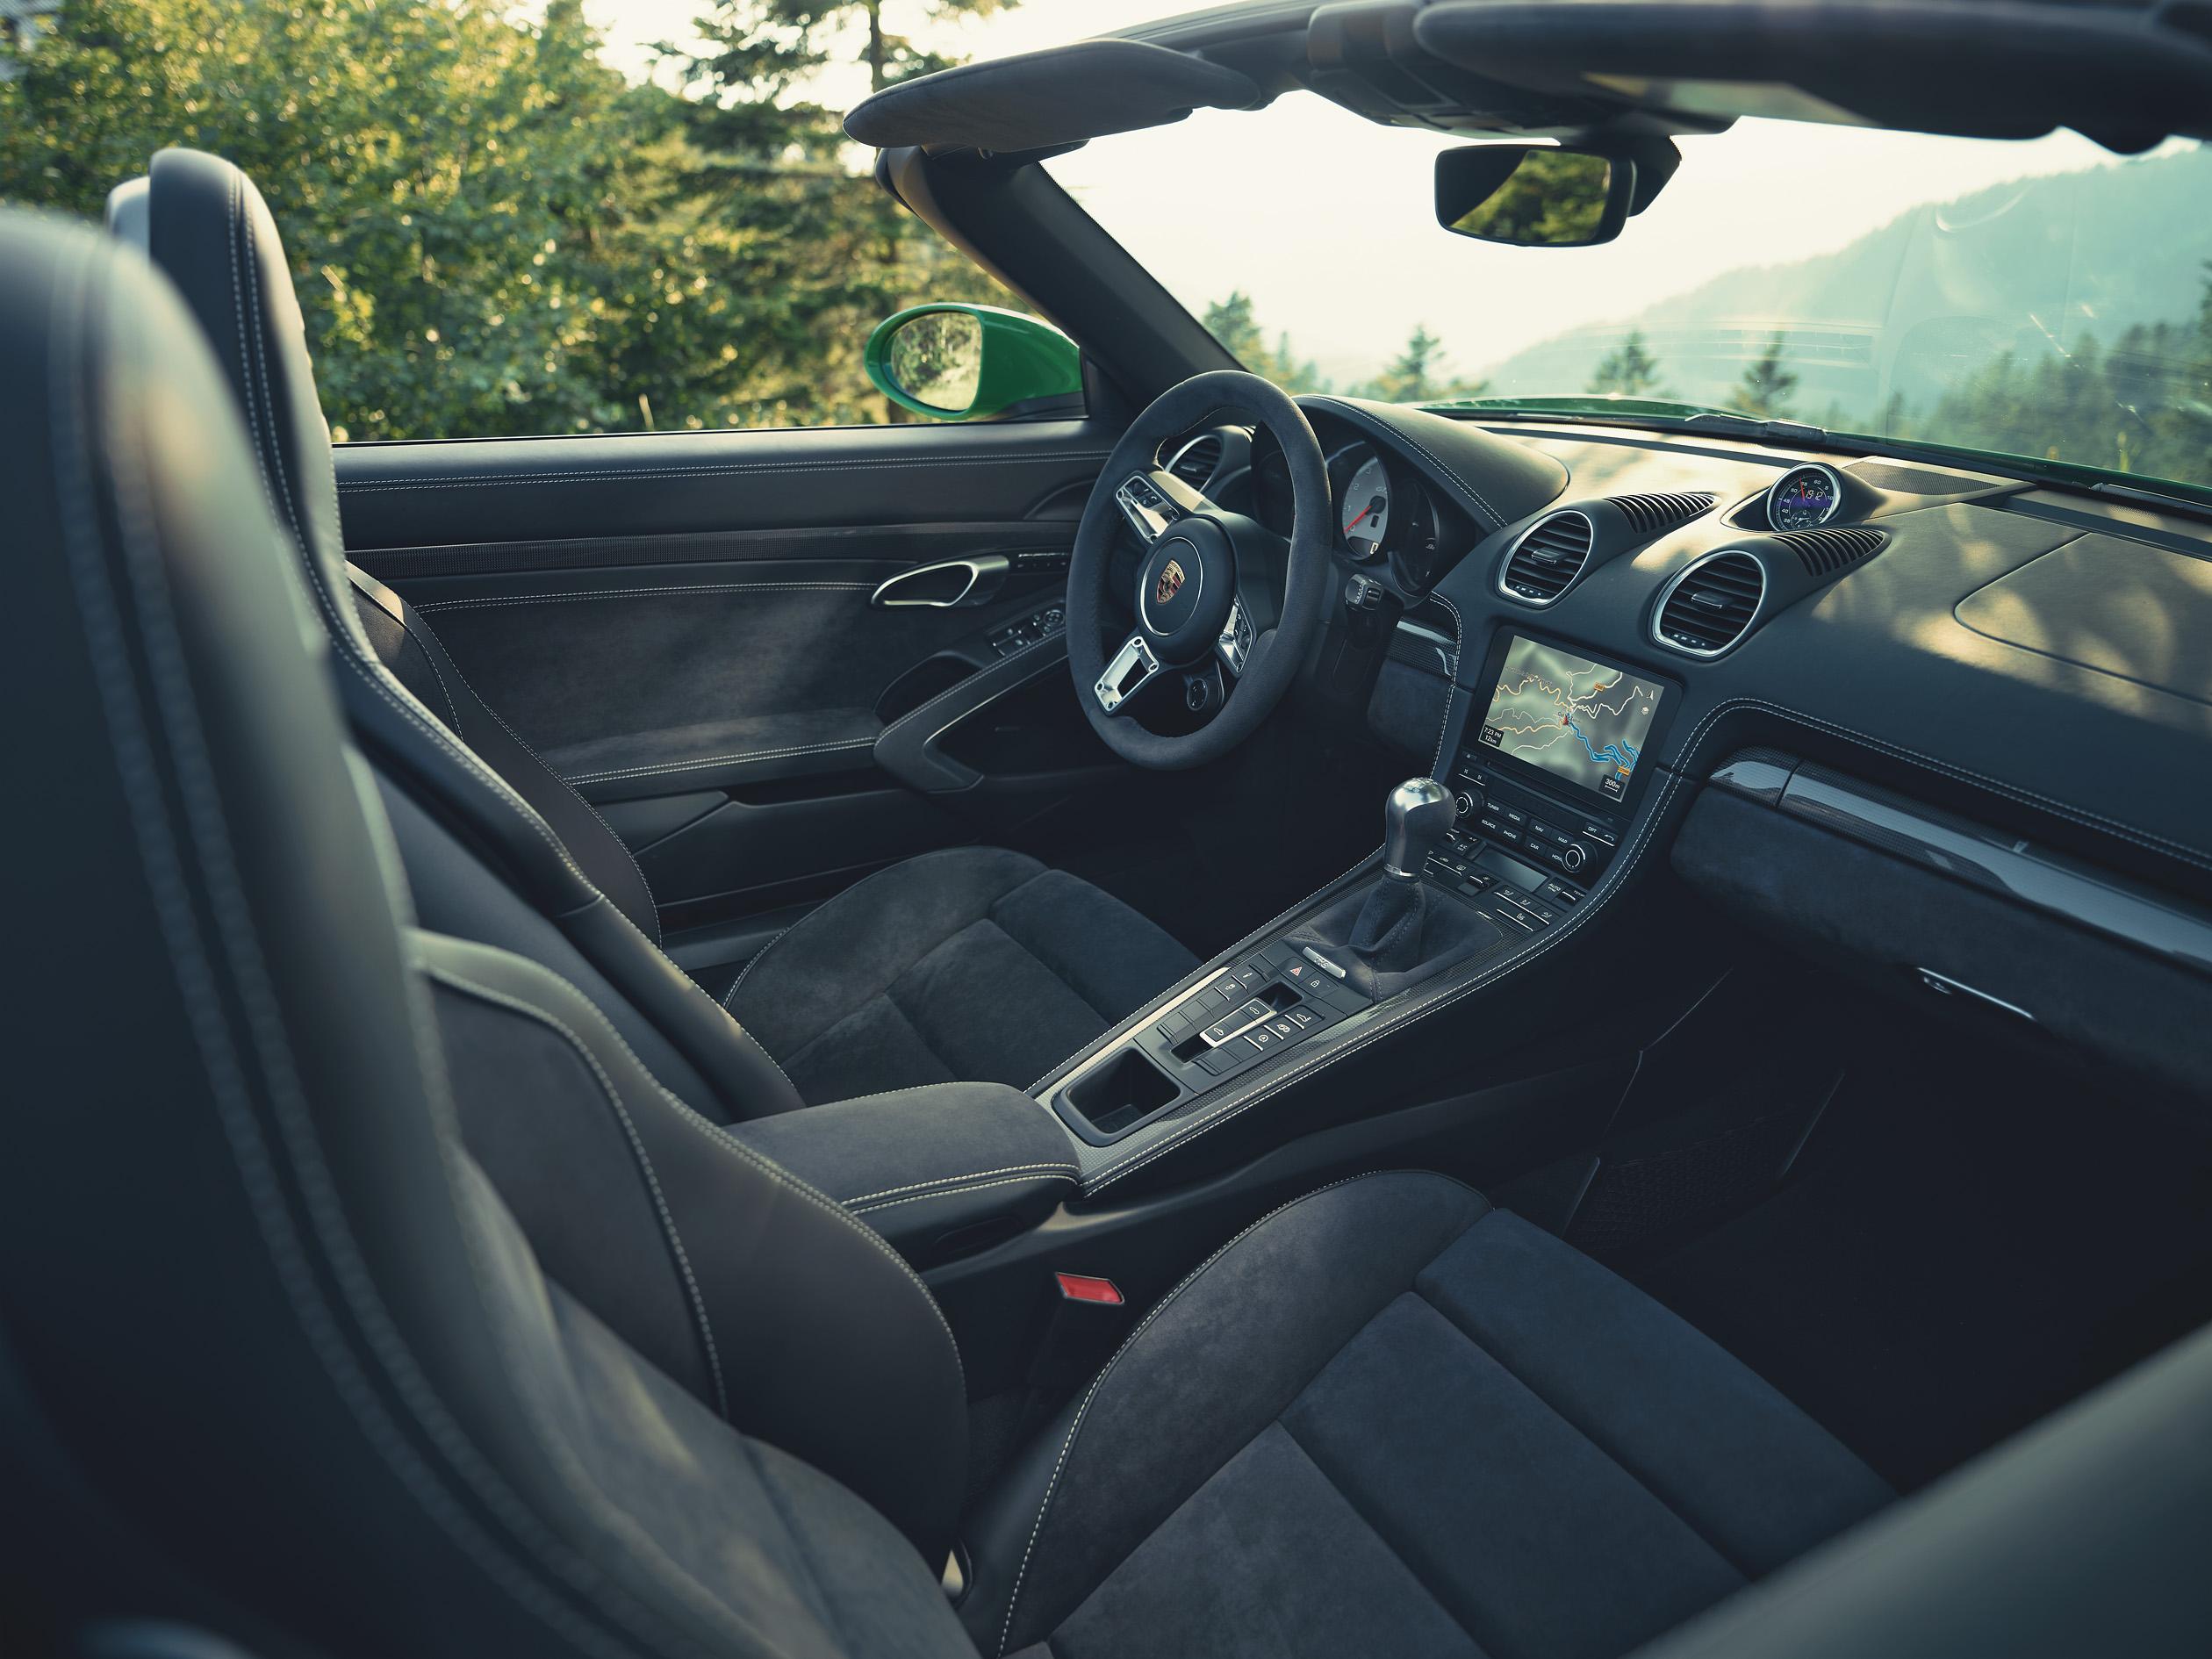 2020 Porsche 718 Boxster GTS 4.0 Interior